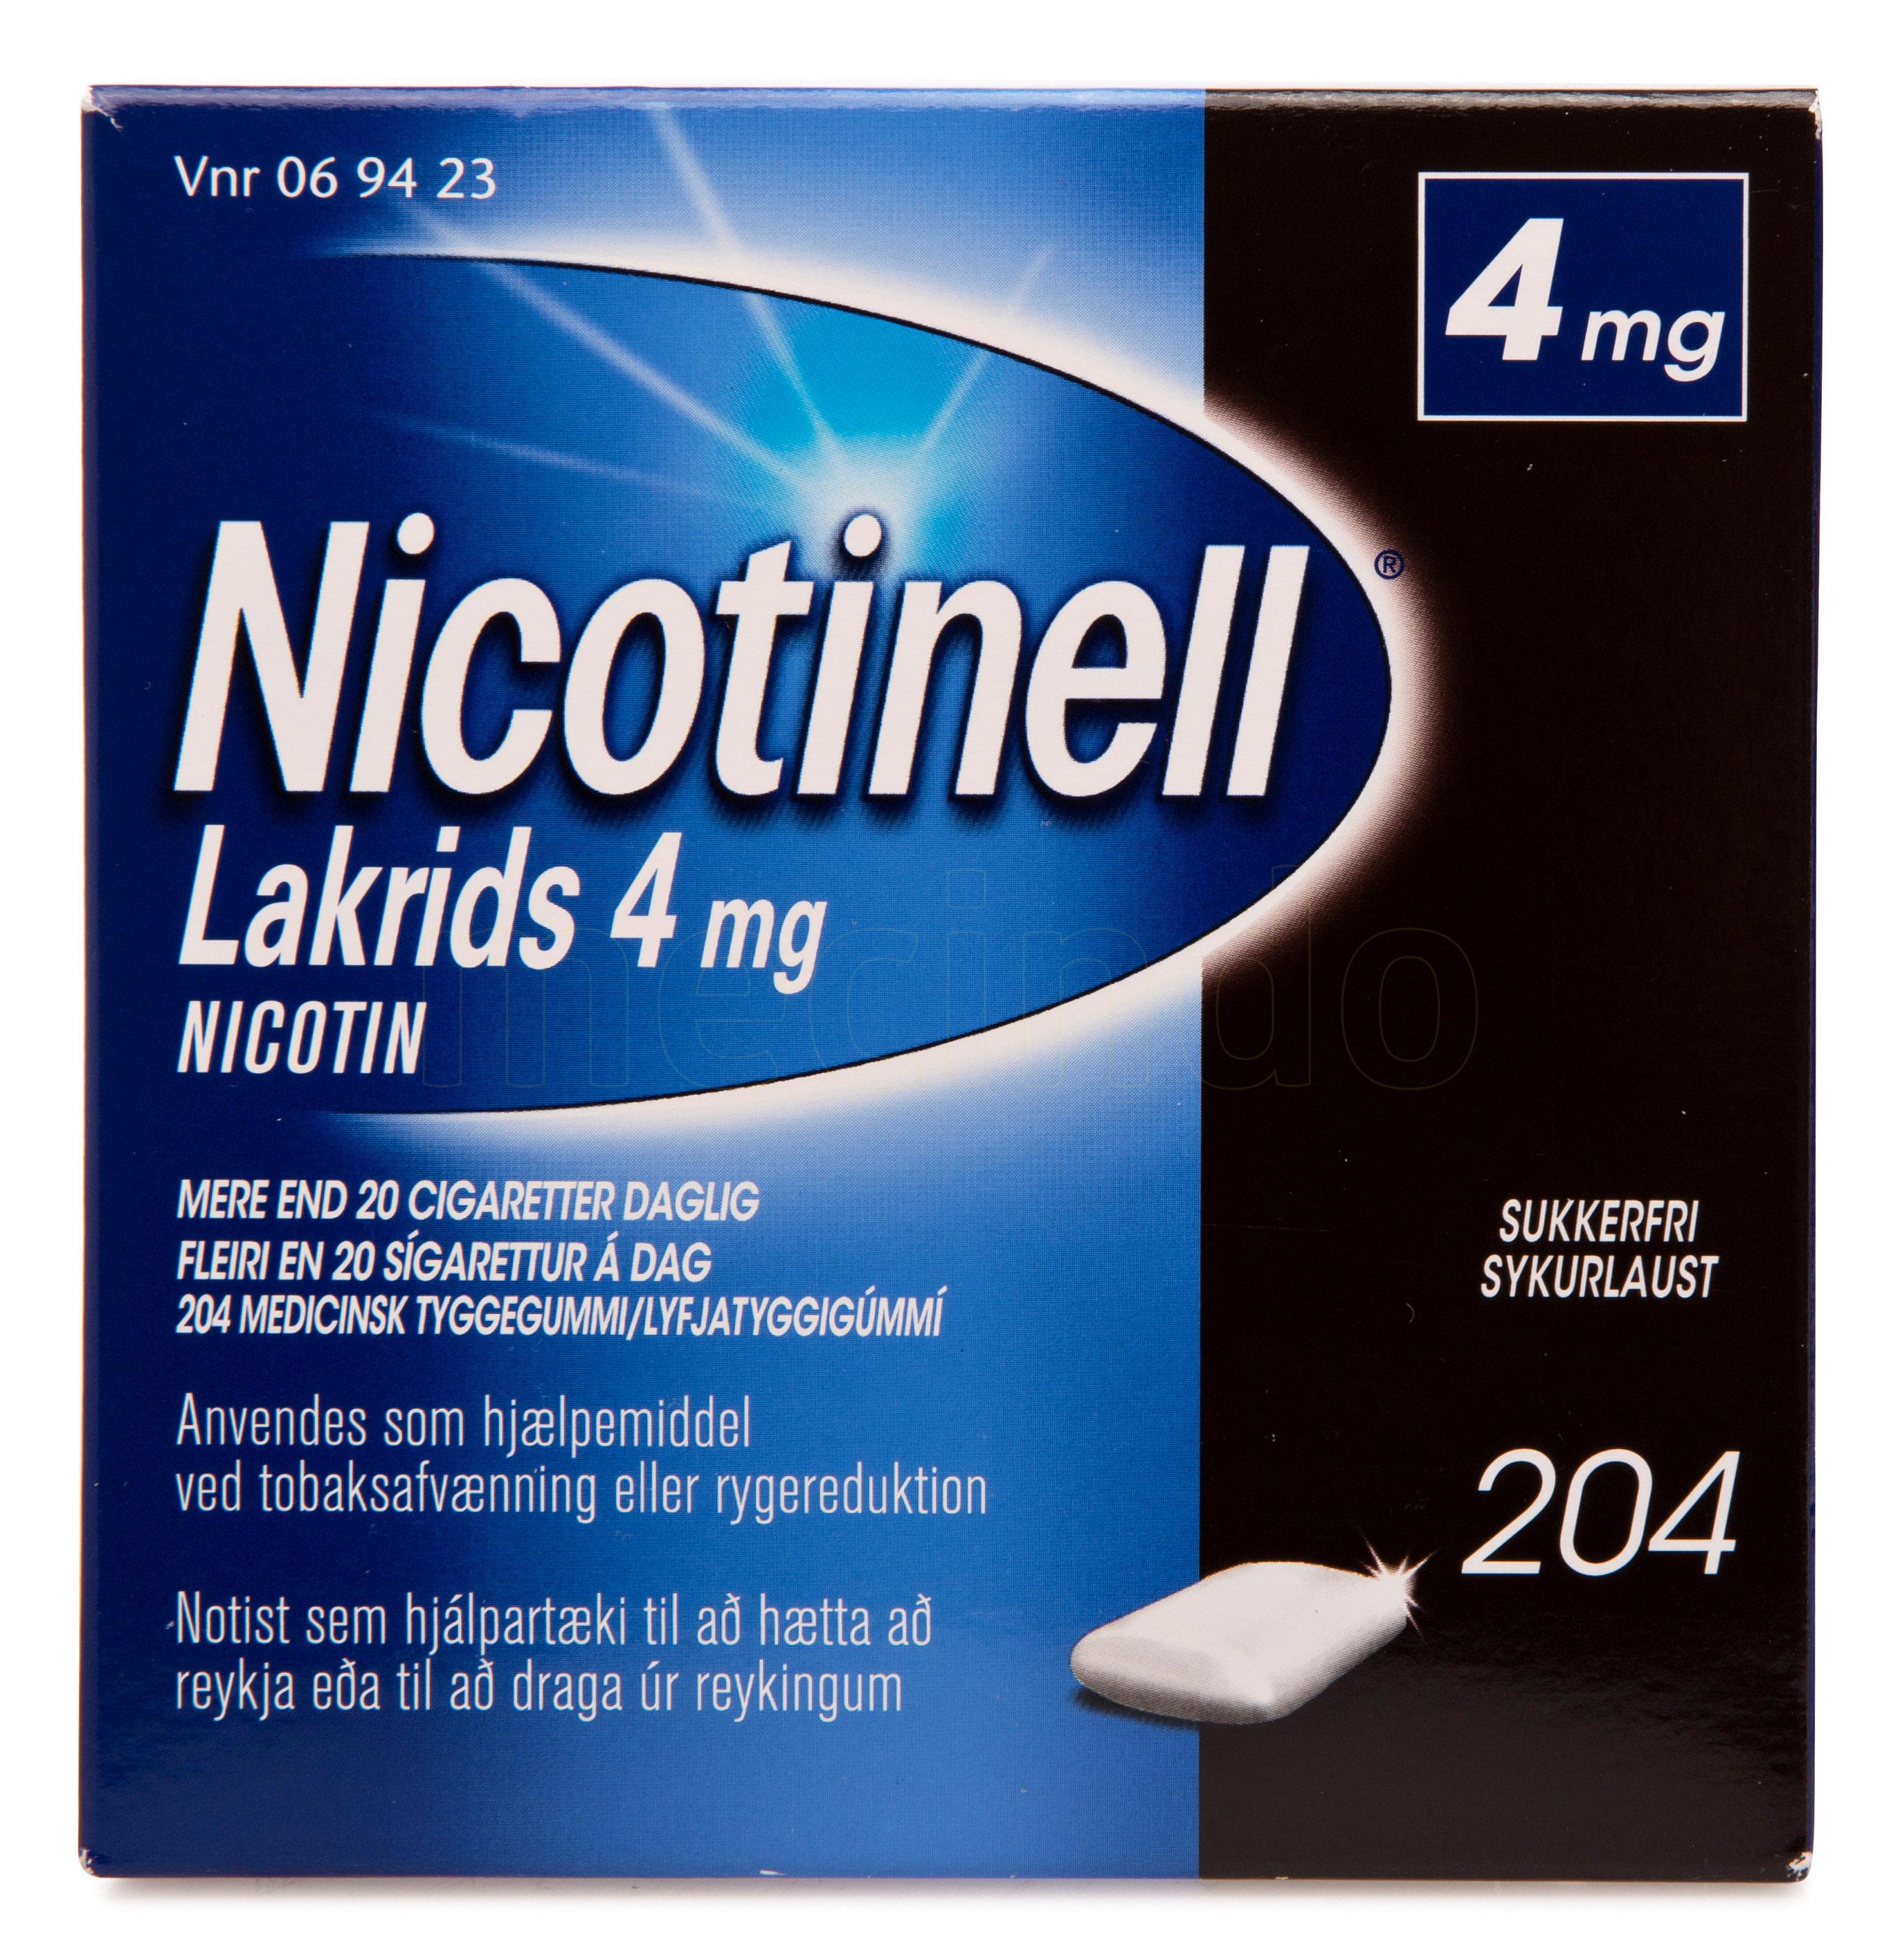 Billede af Nicotinell Lakrids - 4 mg - 204 Stk.